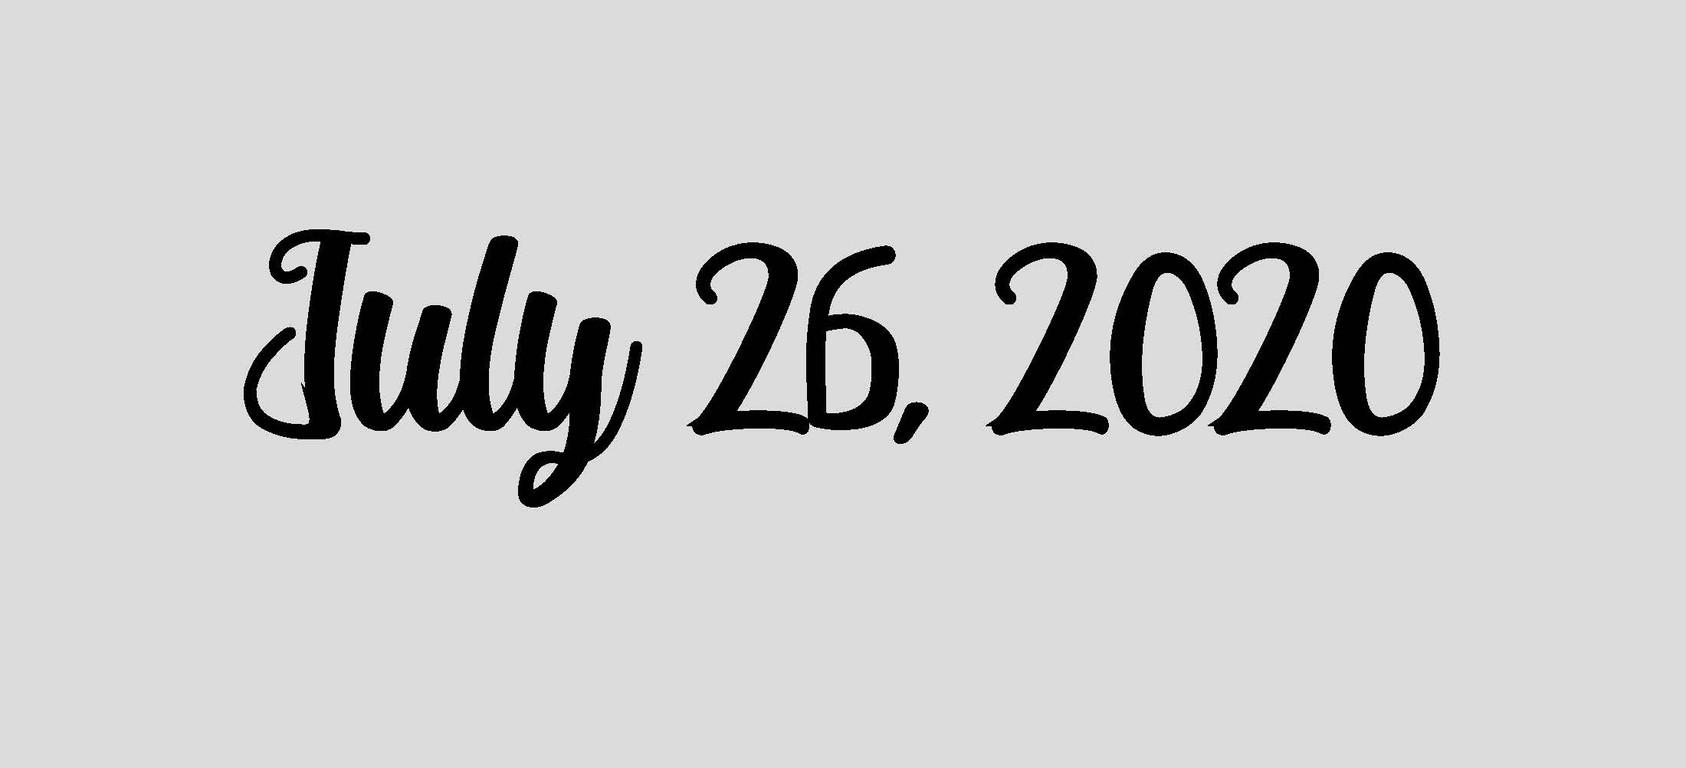 July 26, 2020